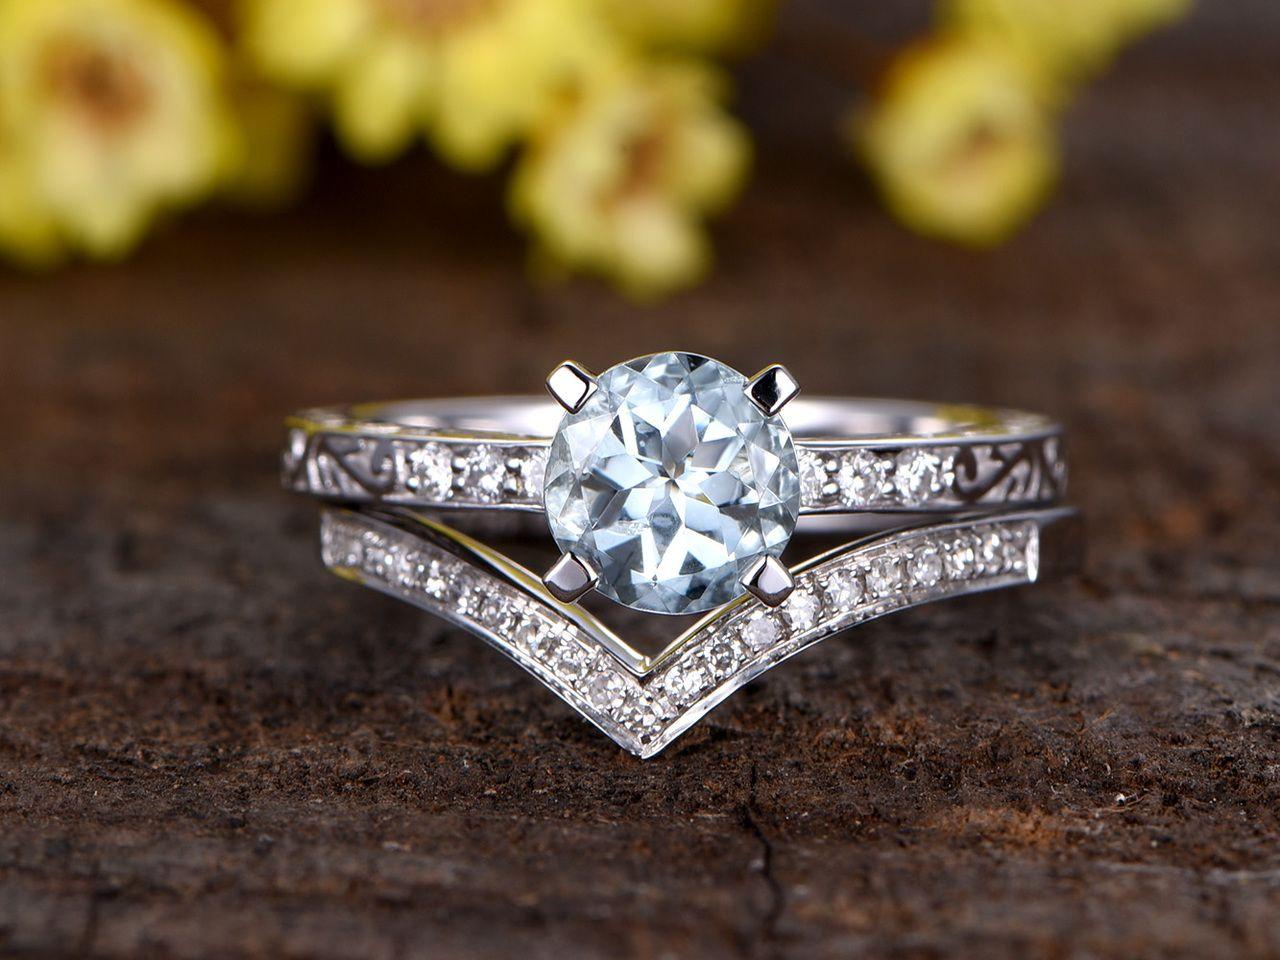 1 Carat Round Aquamarine Bridal Set Diamond Wedding Ring Filigree 14k White Gold Curve V Aquamarine Engagement Ring Halo Wedding Rings Sets Wedding Rings Halo